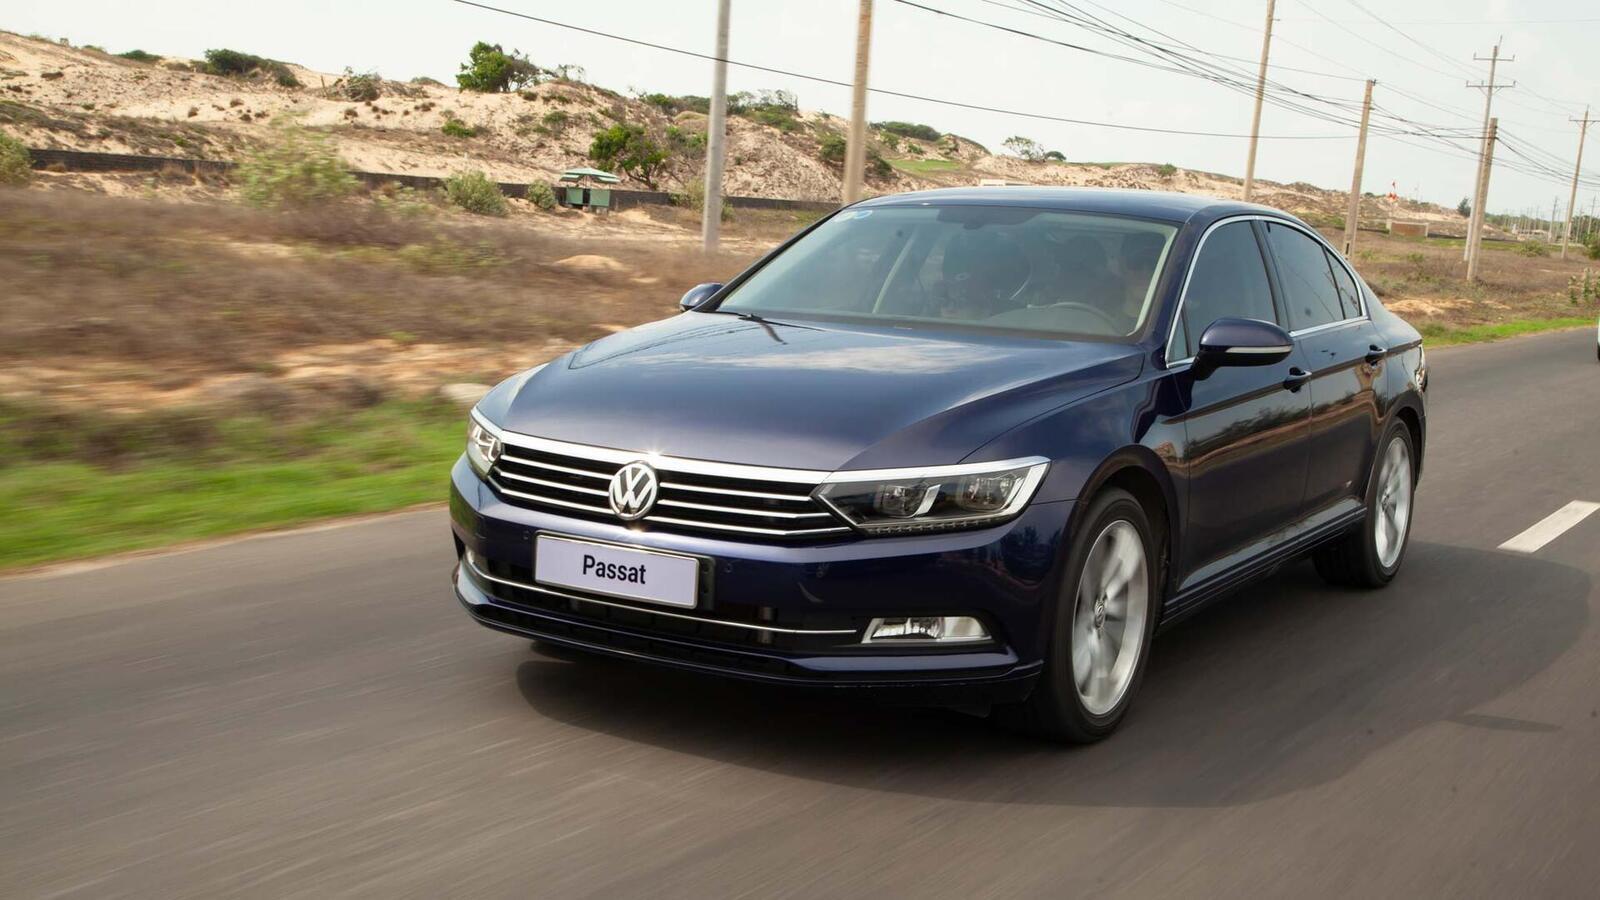 Volkswagen Passat Bluemotion: Lựa chọn xe Đức duy nhất trong phân khúc - Hình 1